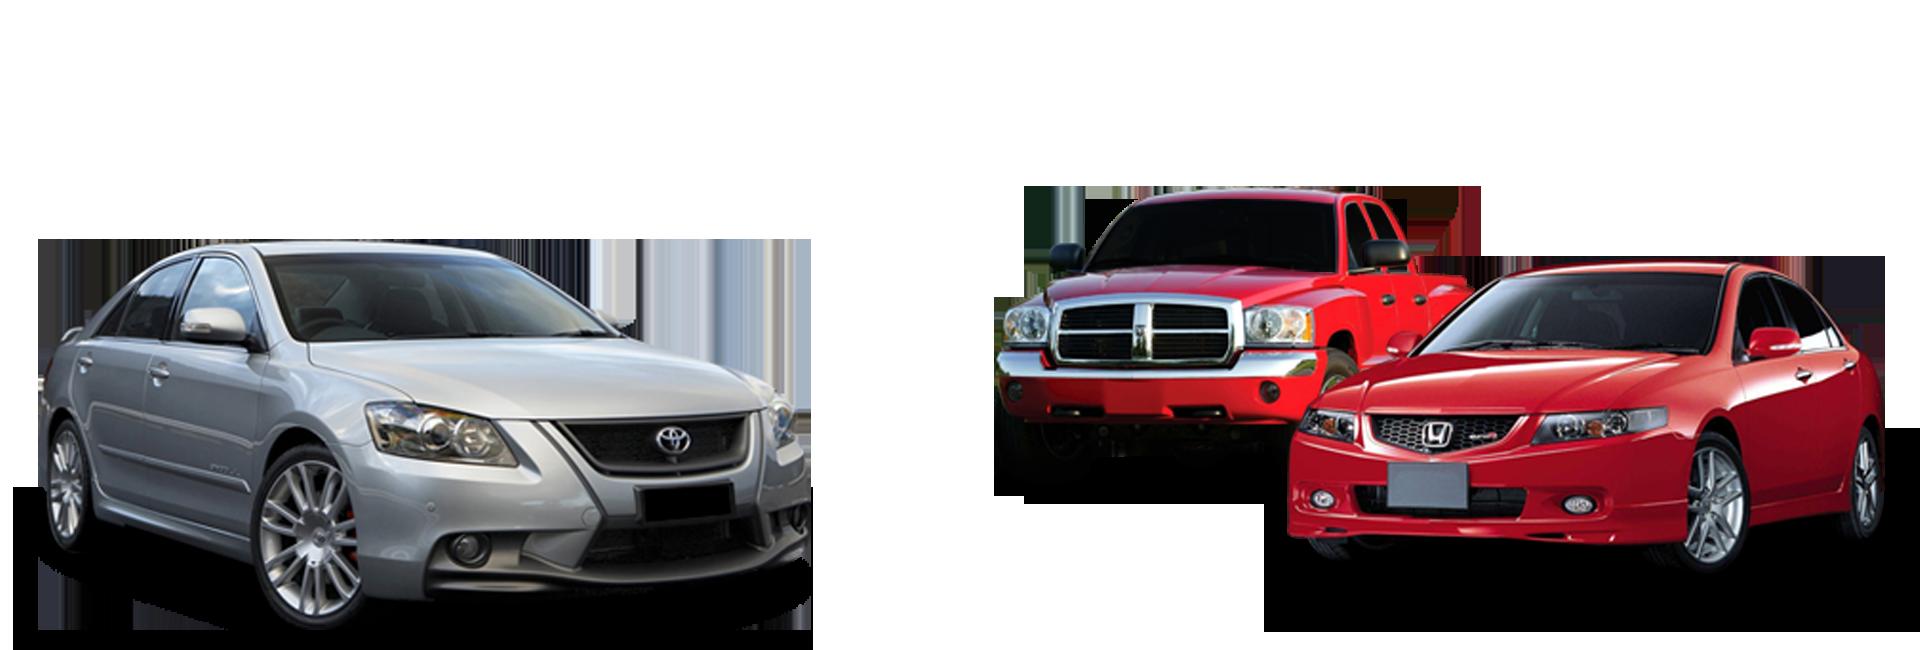 Rockys Auto Sales Inc - Used Cars - Elmira NY Dealer